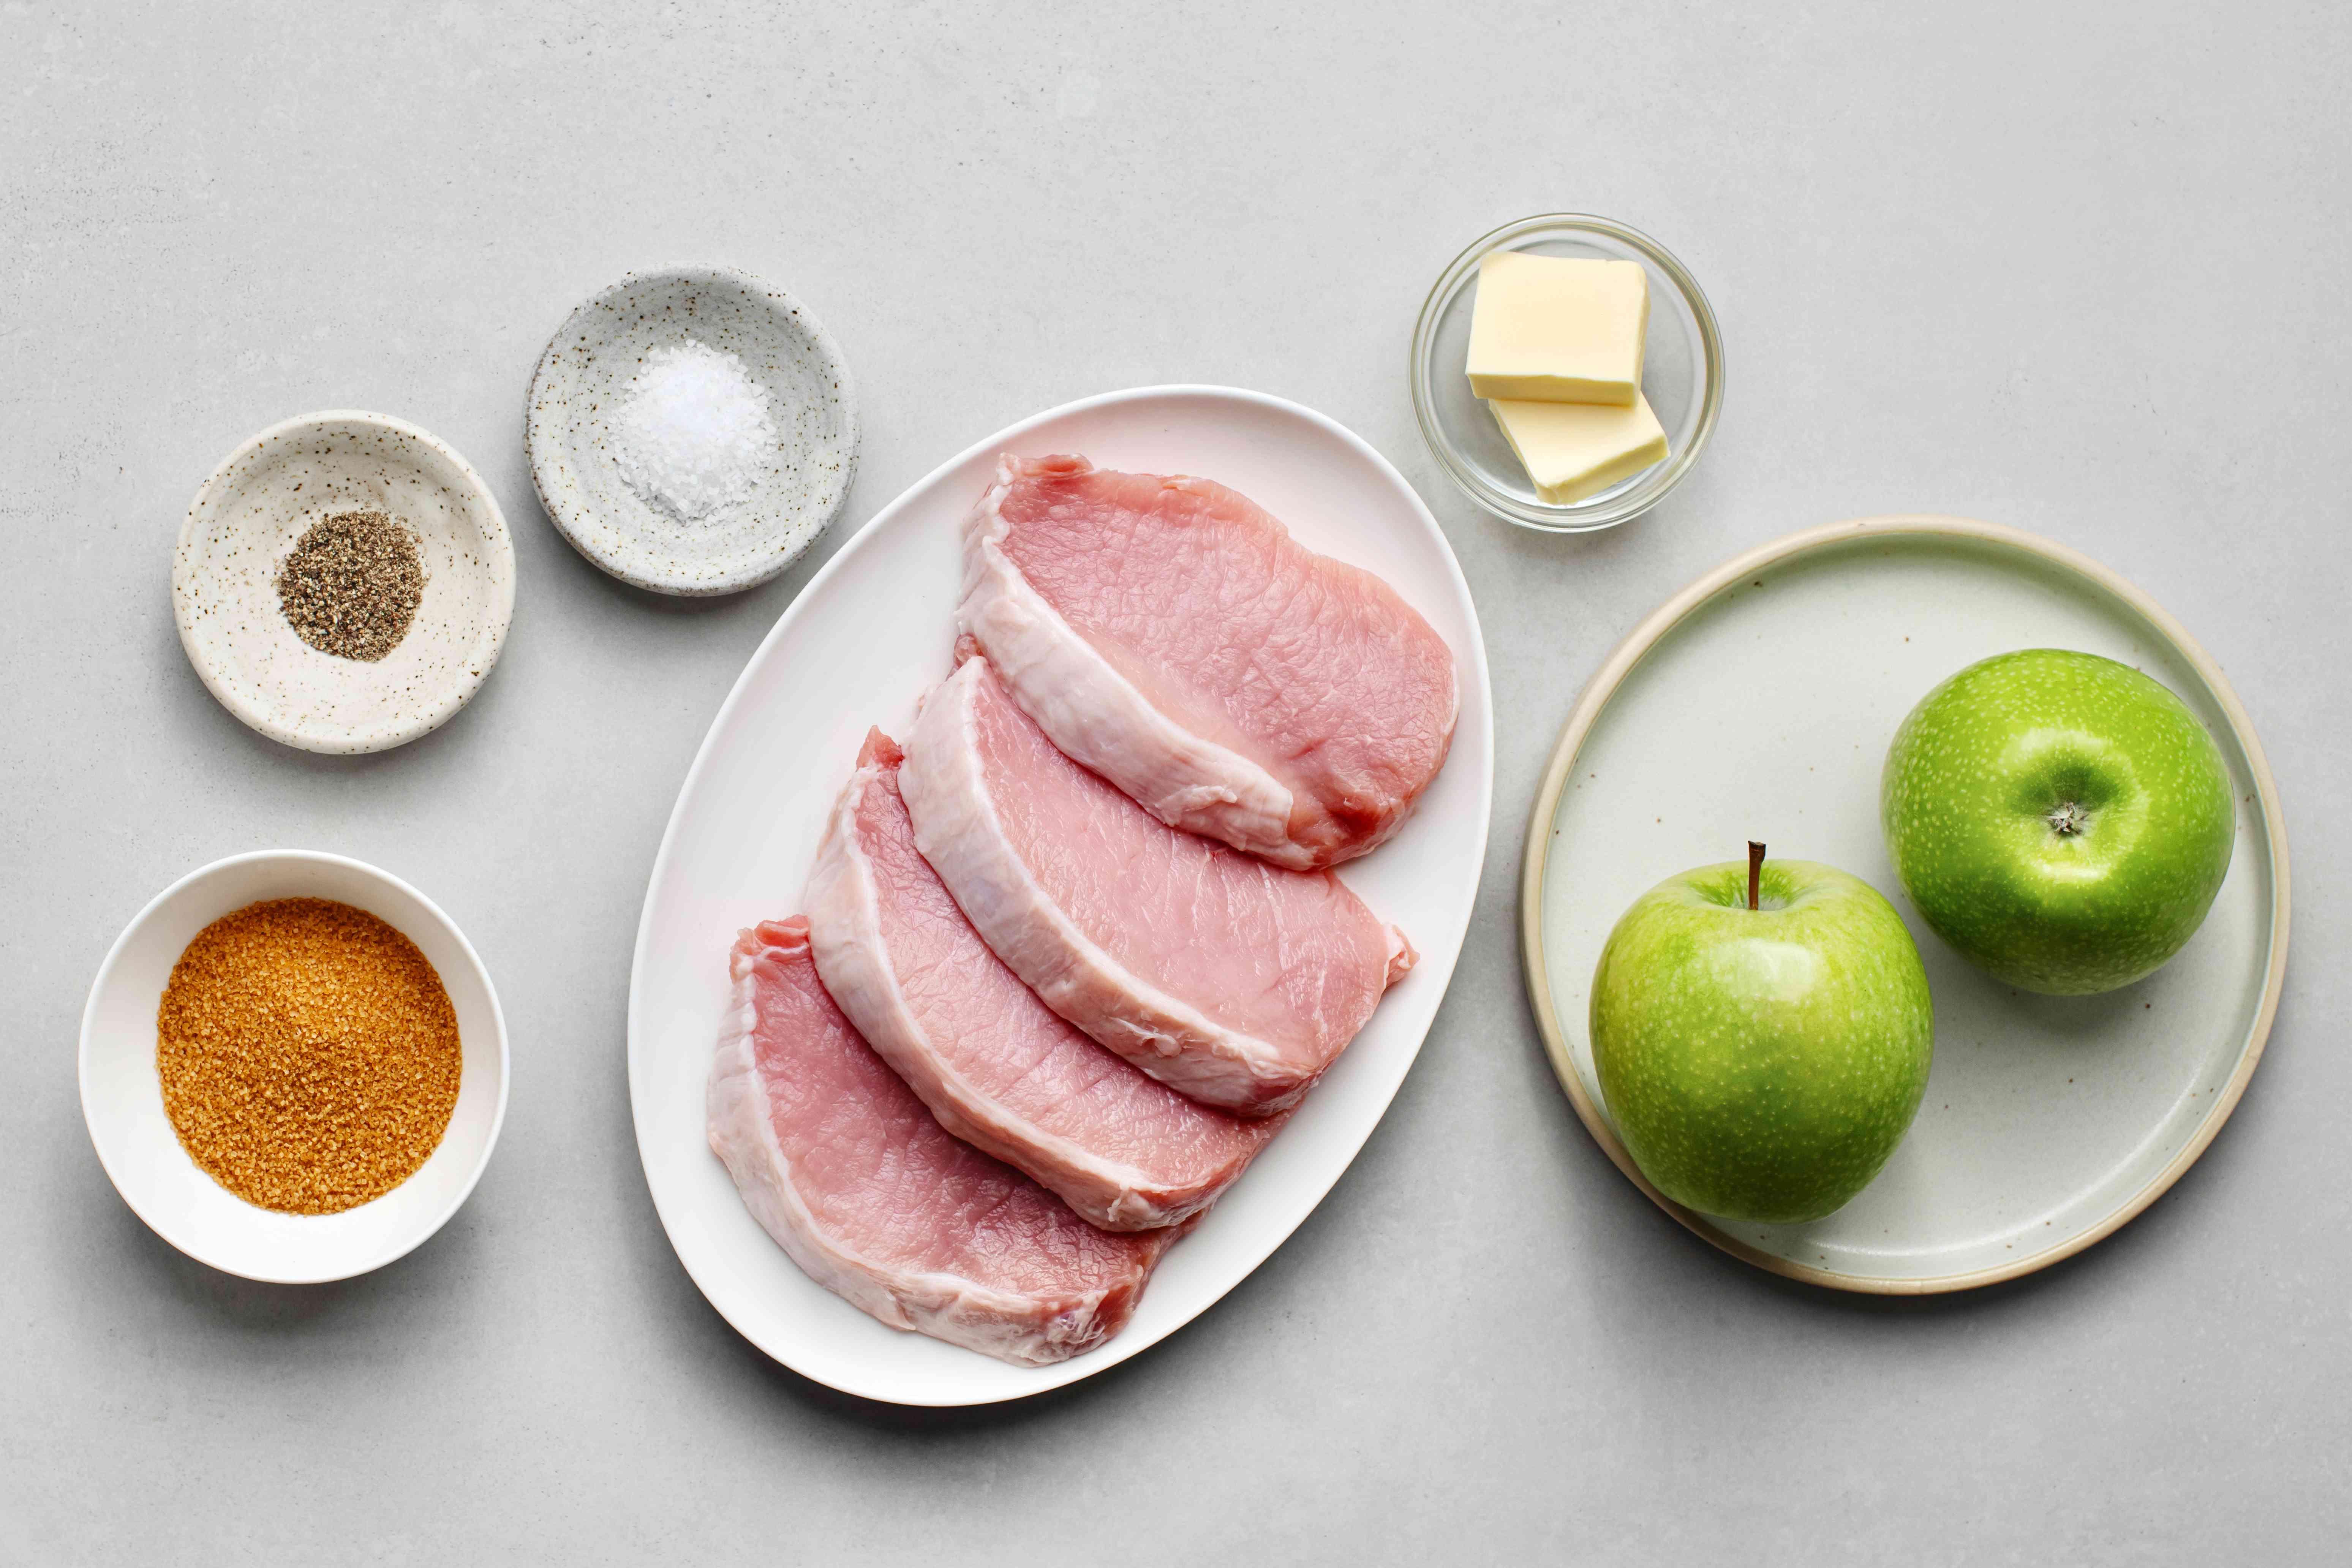 Baked Apple Pork Chops ingredients